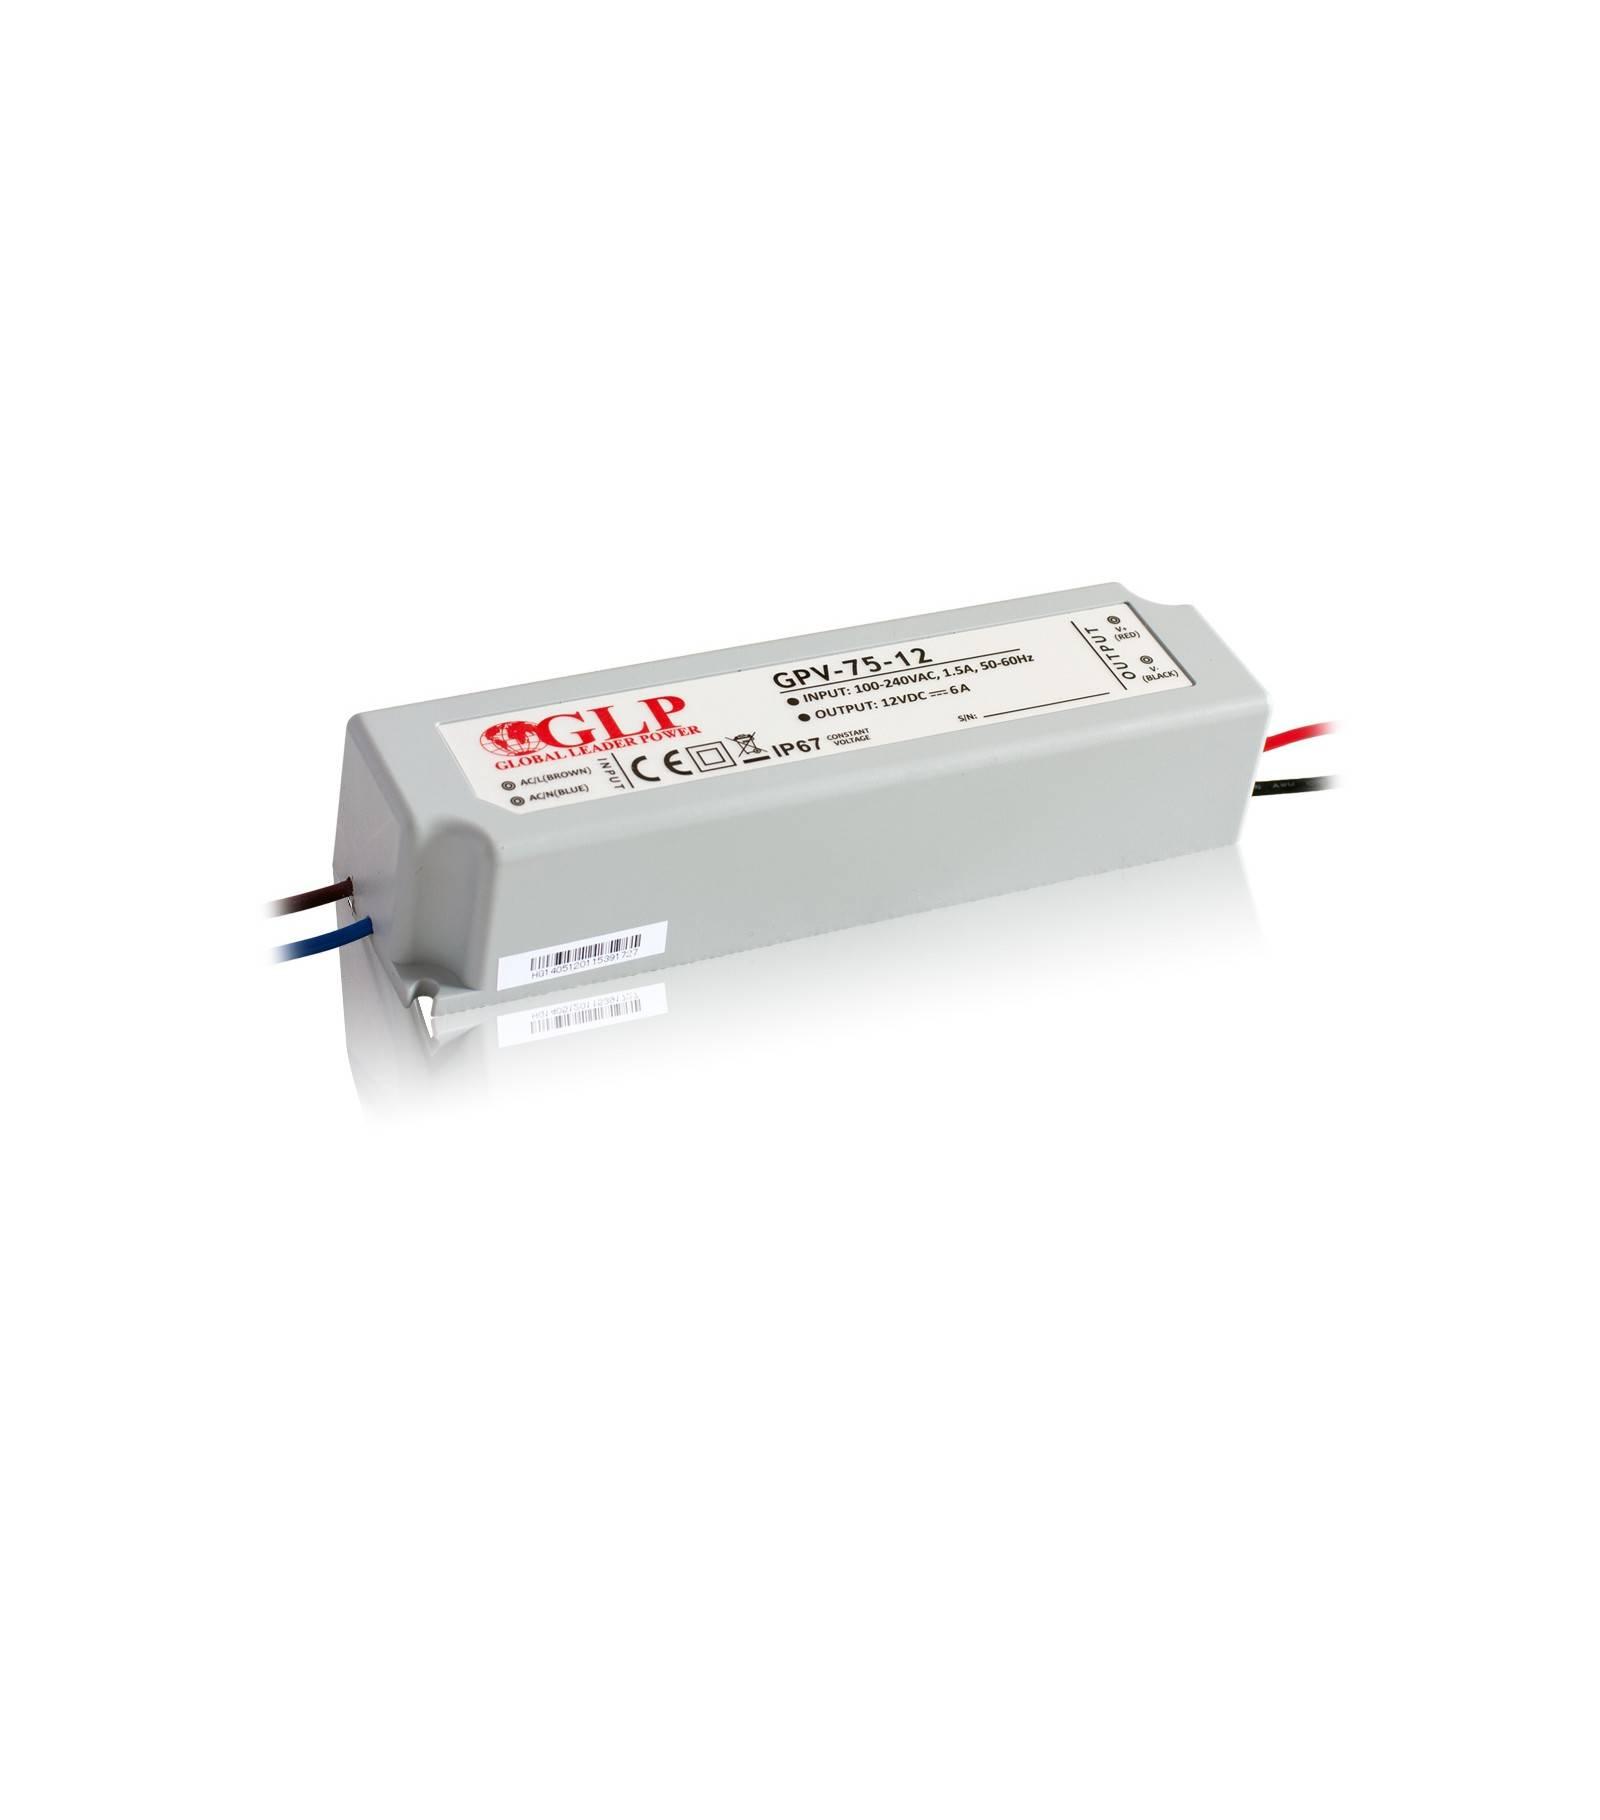 GLP Transformateur spécial Led 12V de 75W IP67 GLP - GLP-GPV-75-12